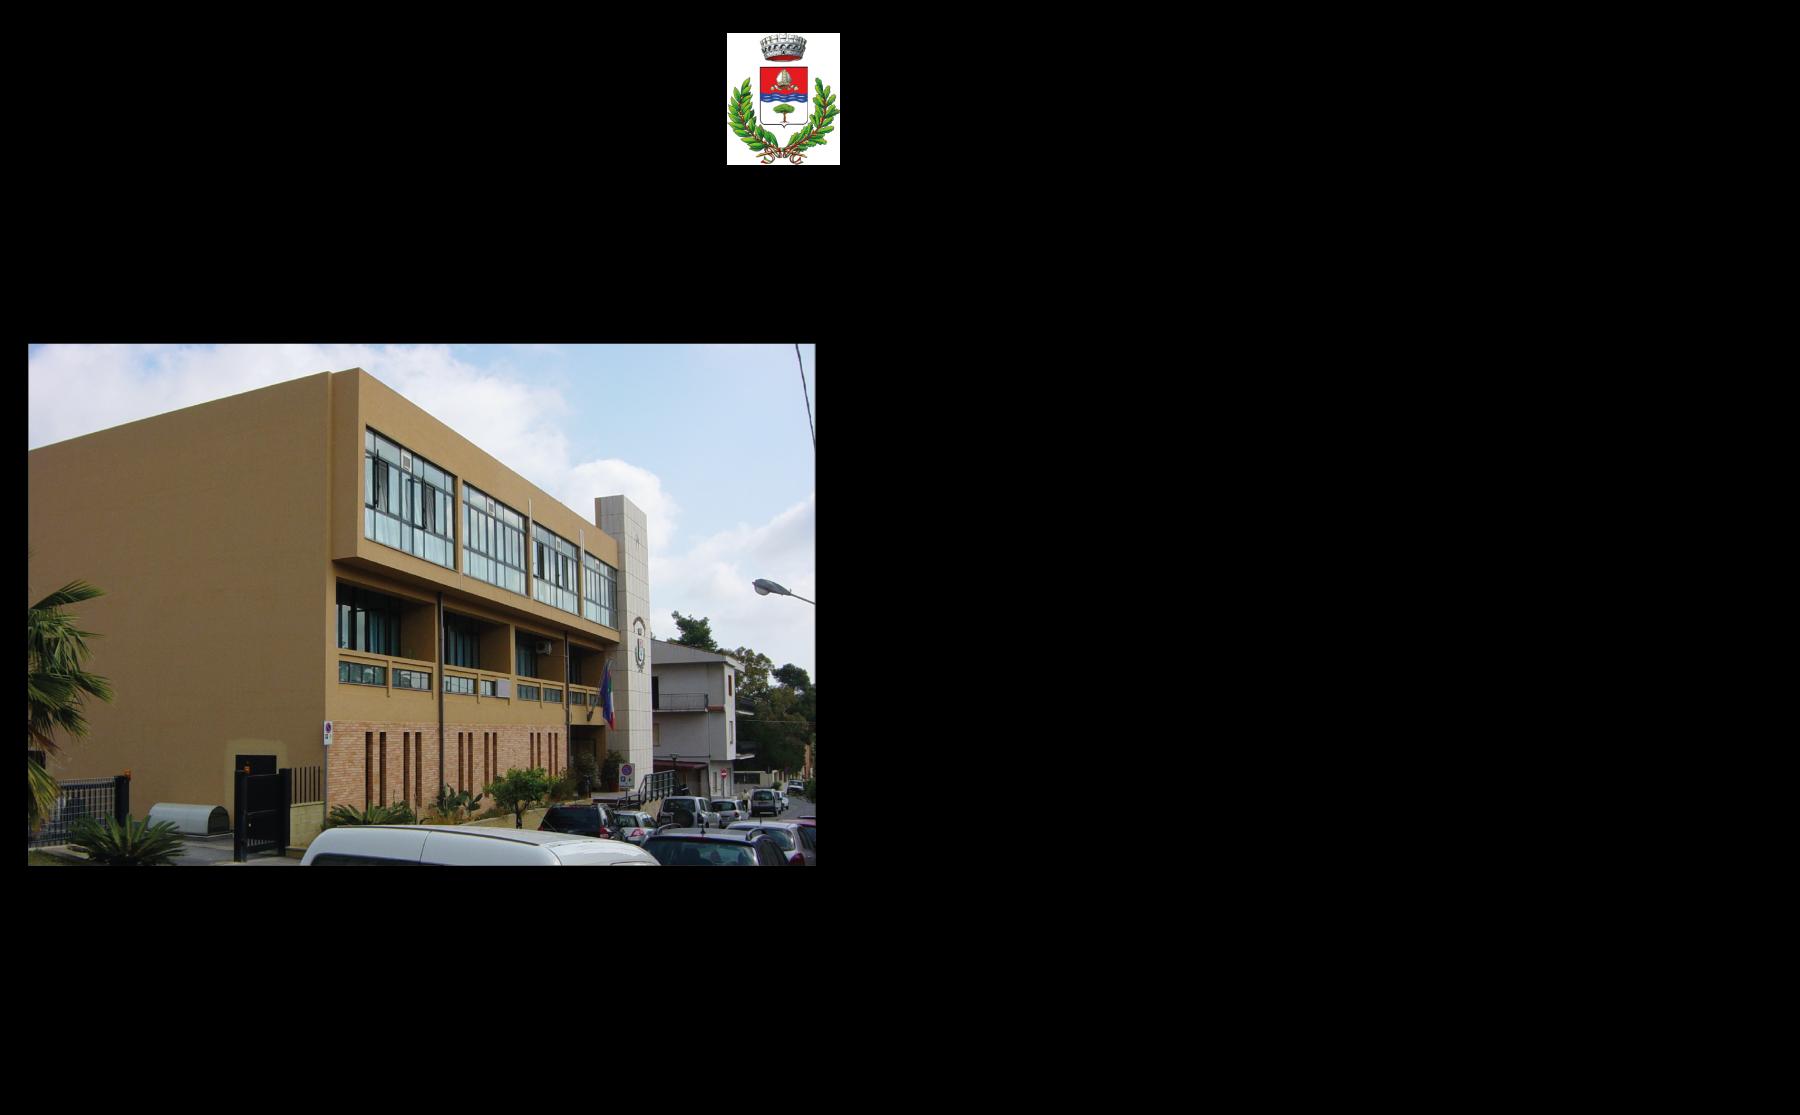 A.San-Filippo-del-Mela-Palazzo-Municipale